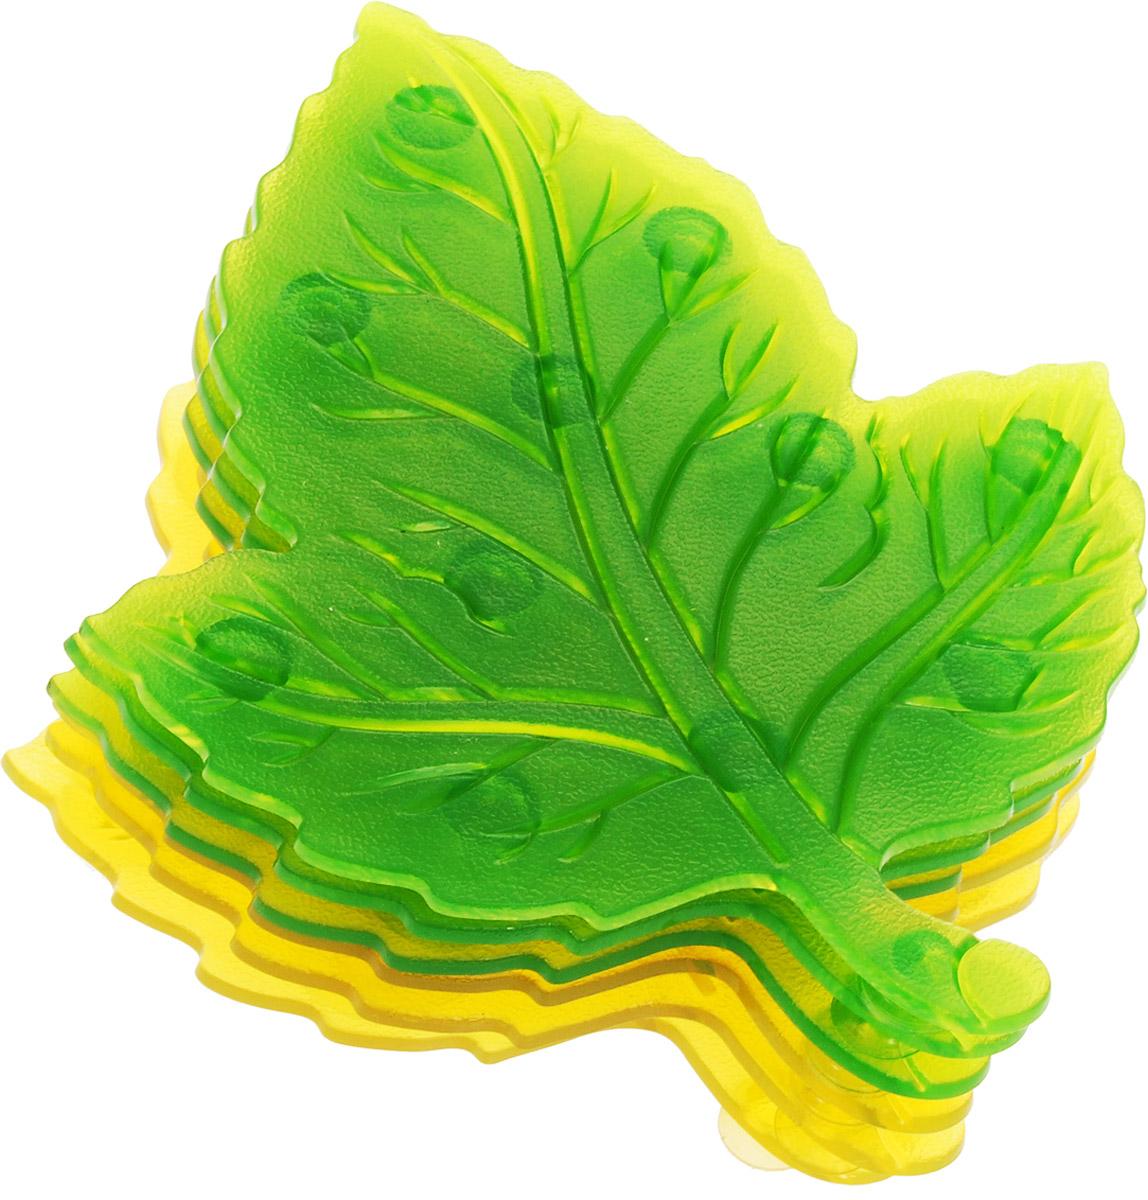 Valiant Мини-коврик для ванной комнаты Листик на присосках цвет зеленый желтый 6 шт4005176886744Мини-коврик для ванной комнаты Valiant Листик - это модный и экономичный способ сделать вашу ванную комнату более уютной, красивой и безопасной.В наборе представлены 6 мини-ковриков в виде листиков двух цветов. Коврики прочно крепятся на любую гладкую поверхность с помощью присосок. Расположите коврик там, где вам необходимо яркое цветовое пятно и надежная противоскользящая опора - на поверхности ванной, на кафельной стене или стенке душевой кабины, на полу - как дополнение вашего коврика стандартного размера.Мини-коврики Valiant незаменимы при купании маленького ребенка: он не поскользнется и не упадет, держась за мягкую и приятную на ощупь рифленую поверхность коврика.Рекомендации по уходу: после использования тщательно смойте остатки мыла или других косметических средств с коврика.